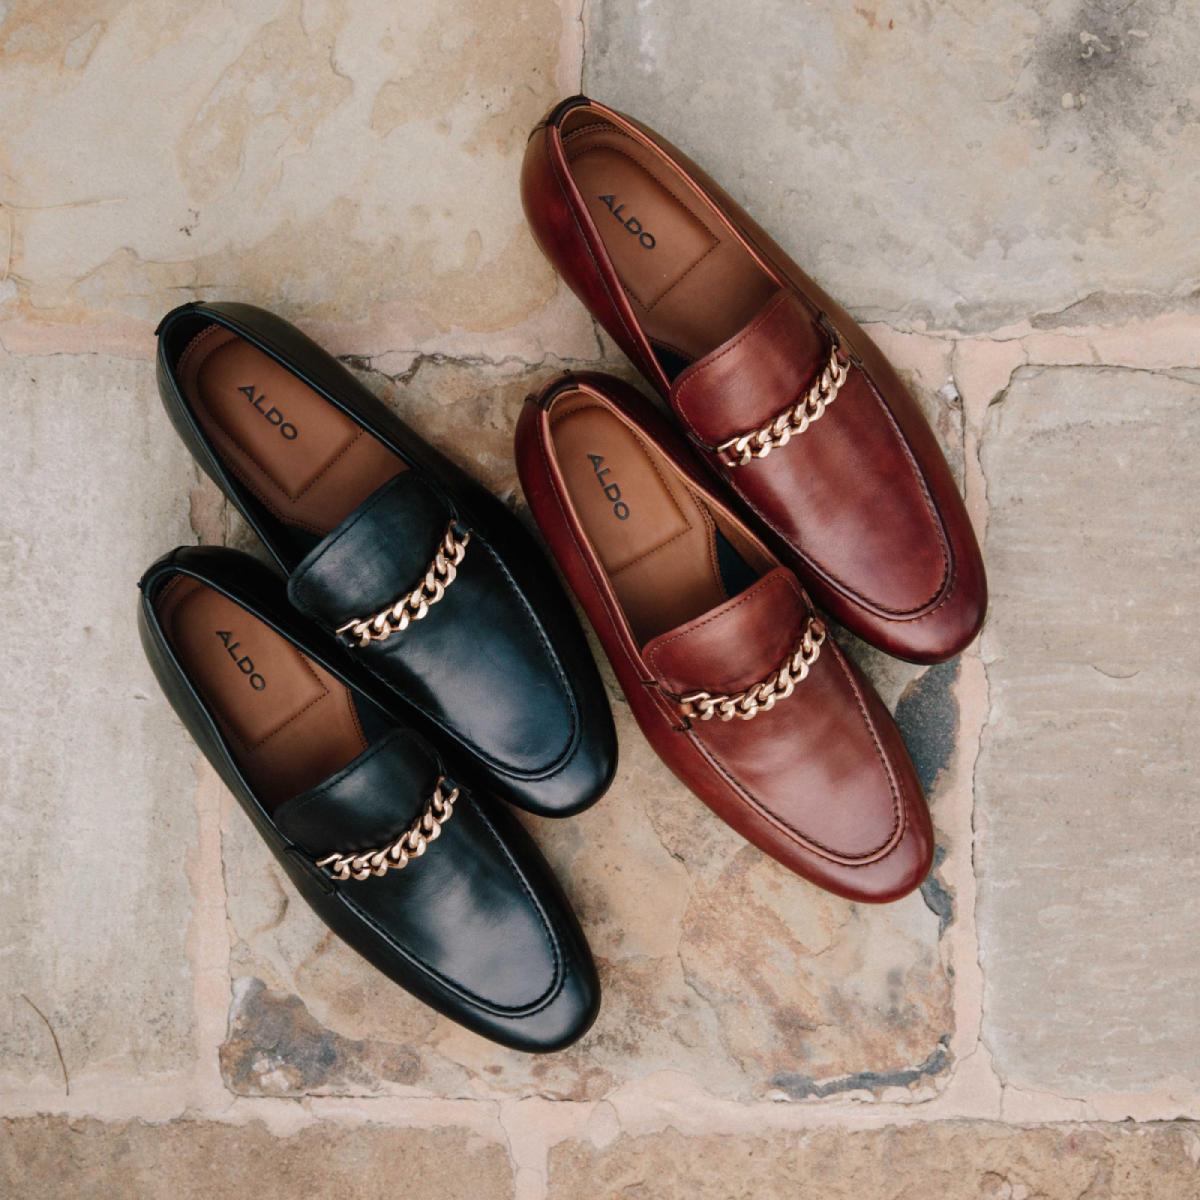 677101570eb Royton Cognac Men s Dress shoes